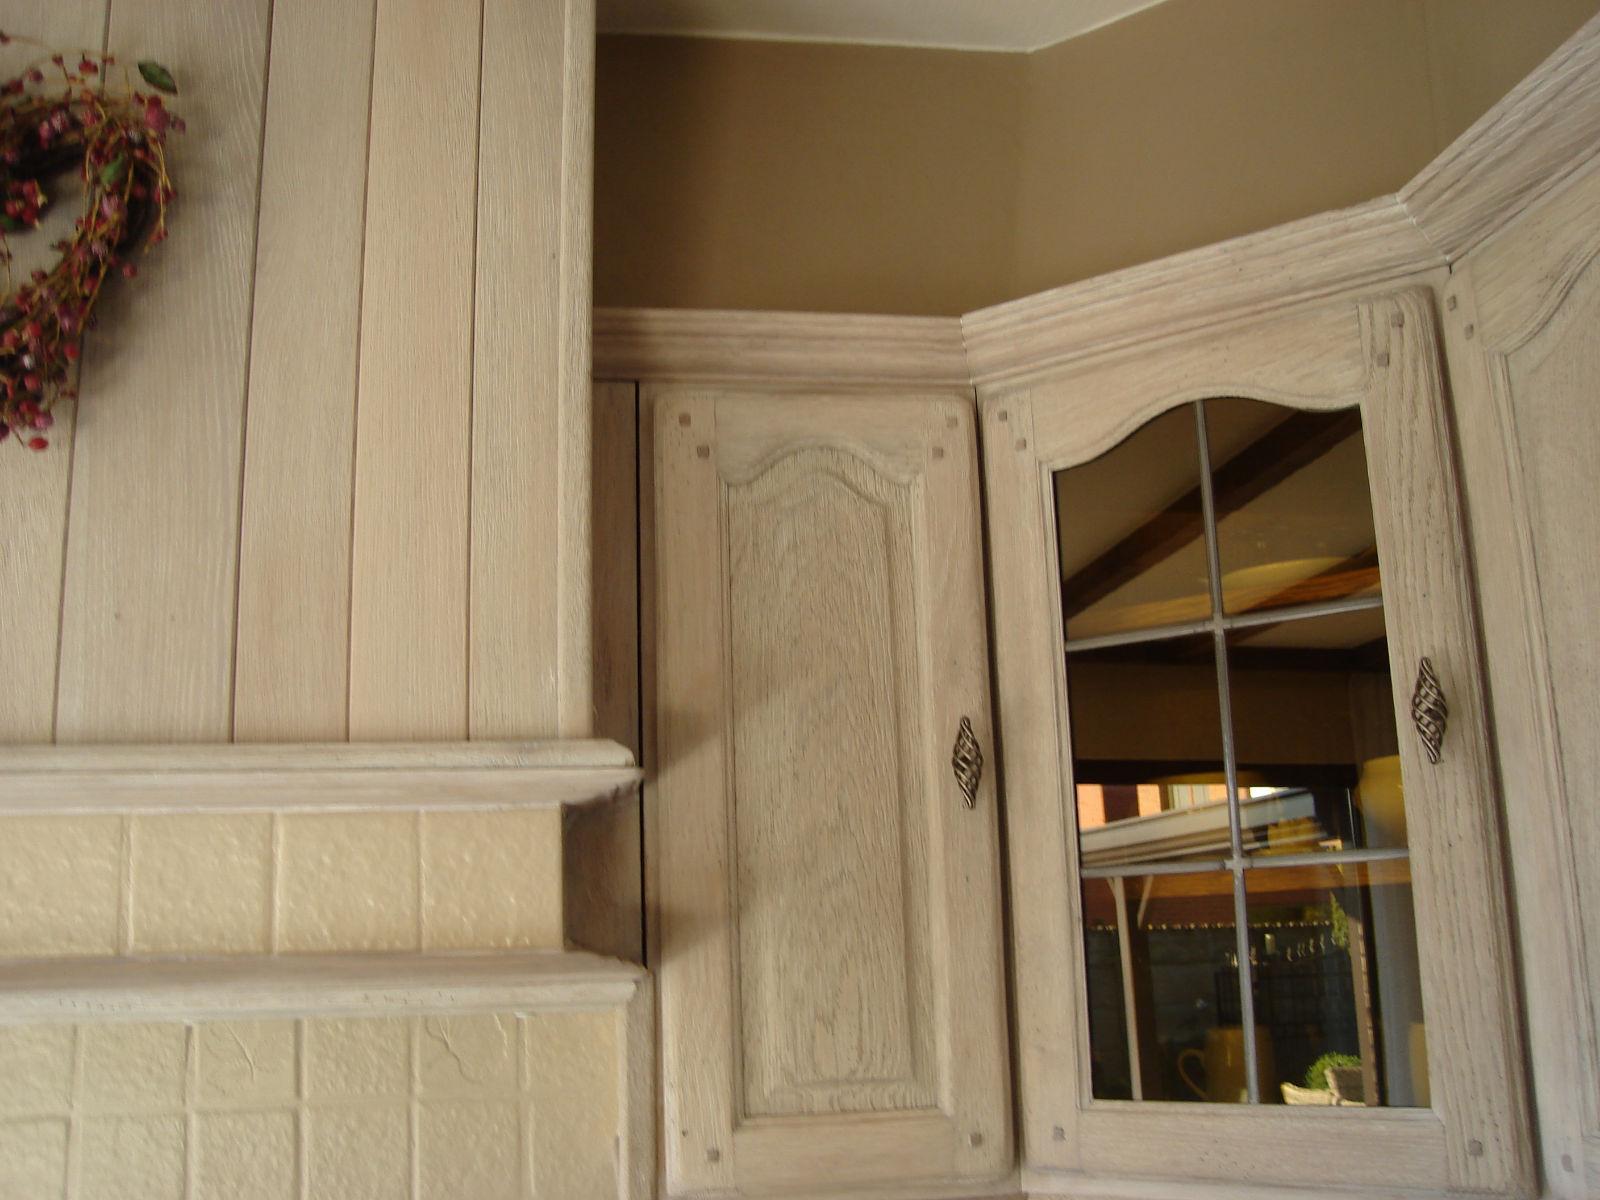 Keuken Laten Zandstralen : : Renovatie, zandstralen, beitsen, vernissen van keukens